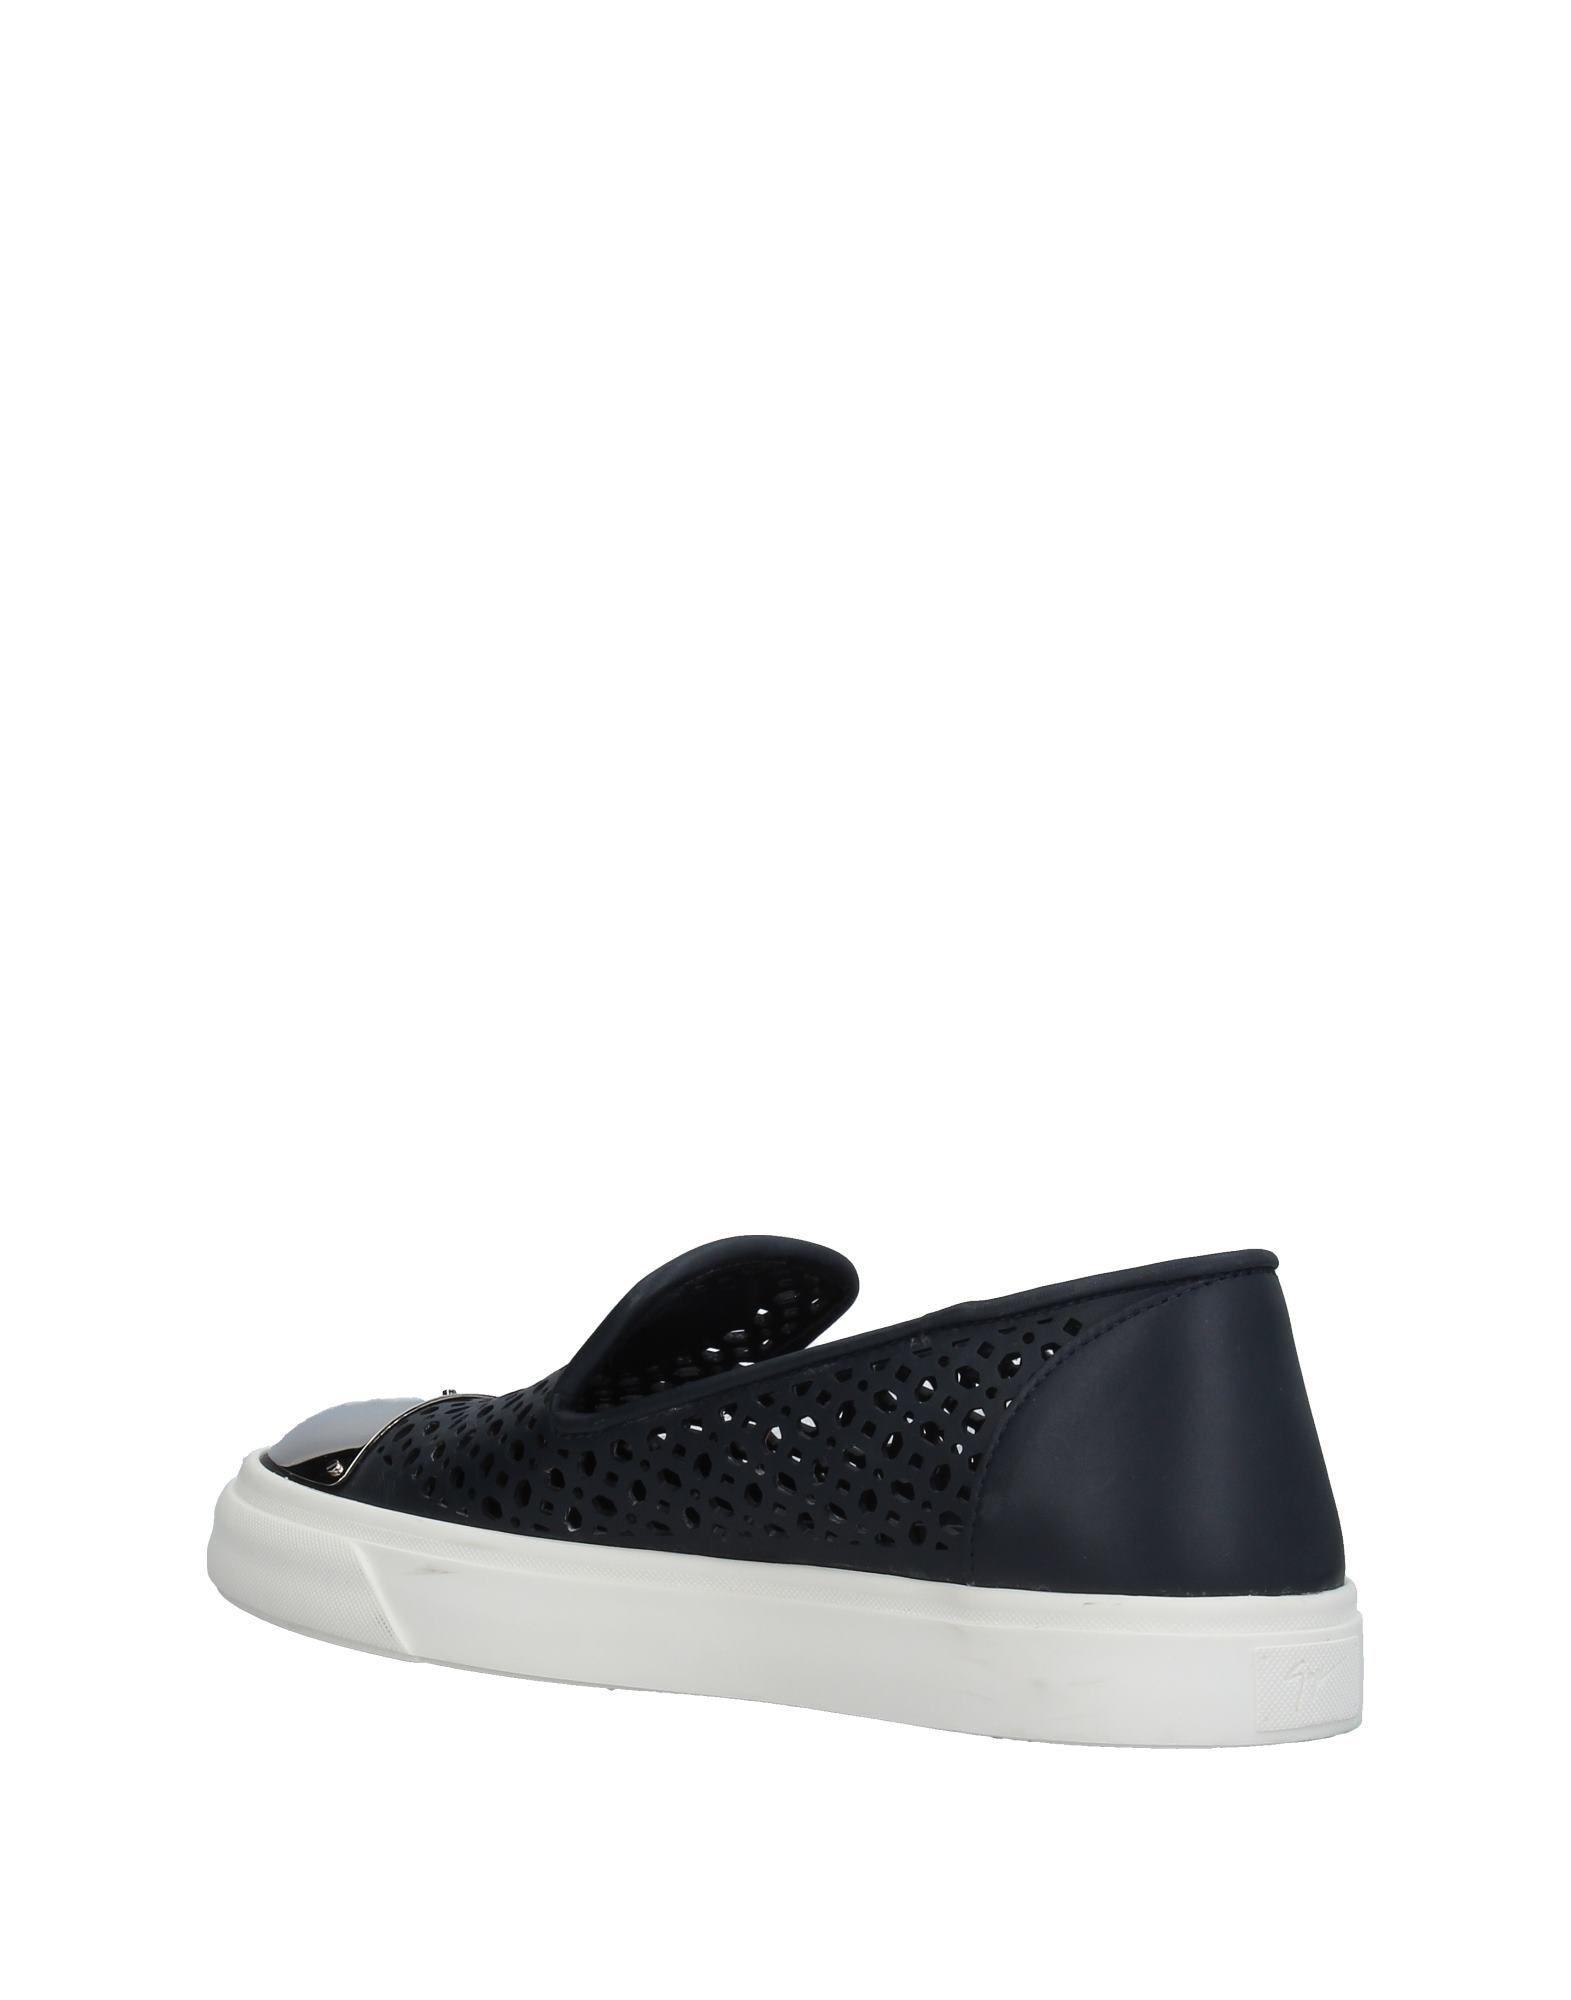 Giuseppe Zanotti Mokassins Damen aussehende  11274333OAGünstige gut aussehende Damen Schuhe 4f3ecf